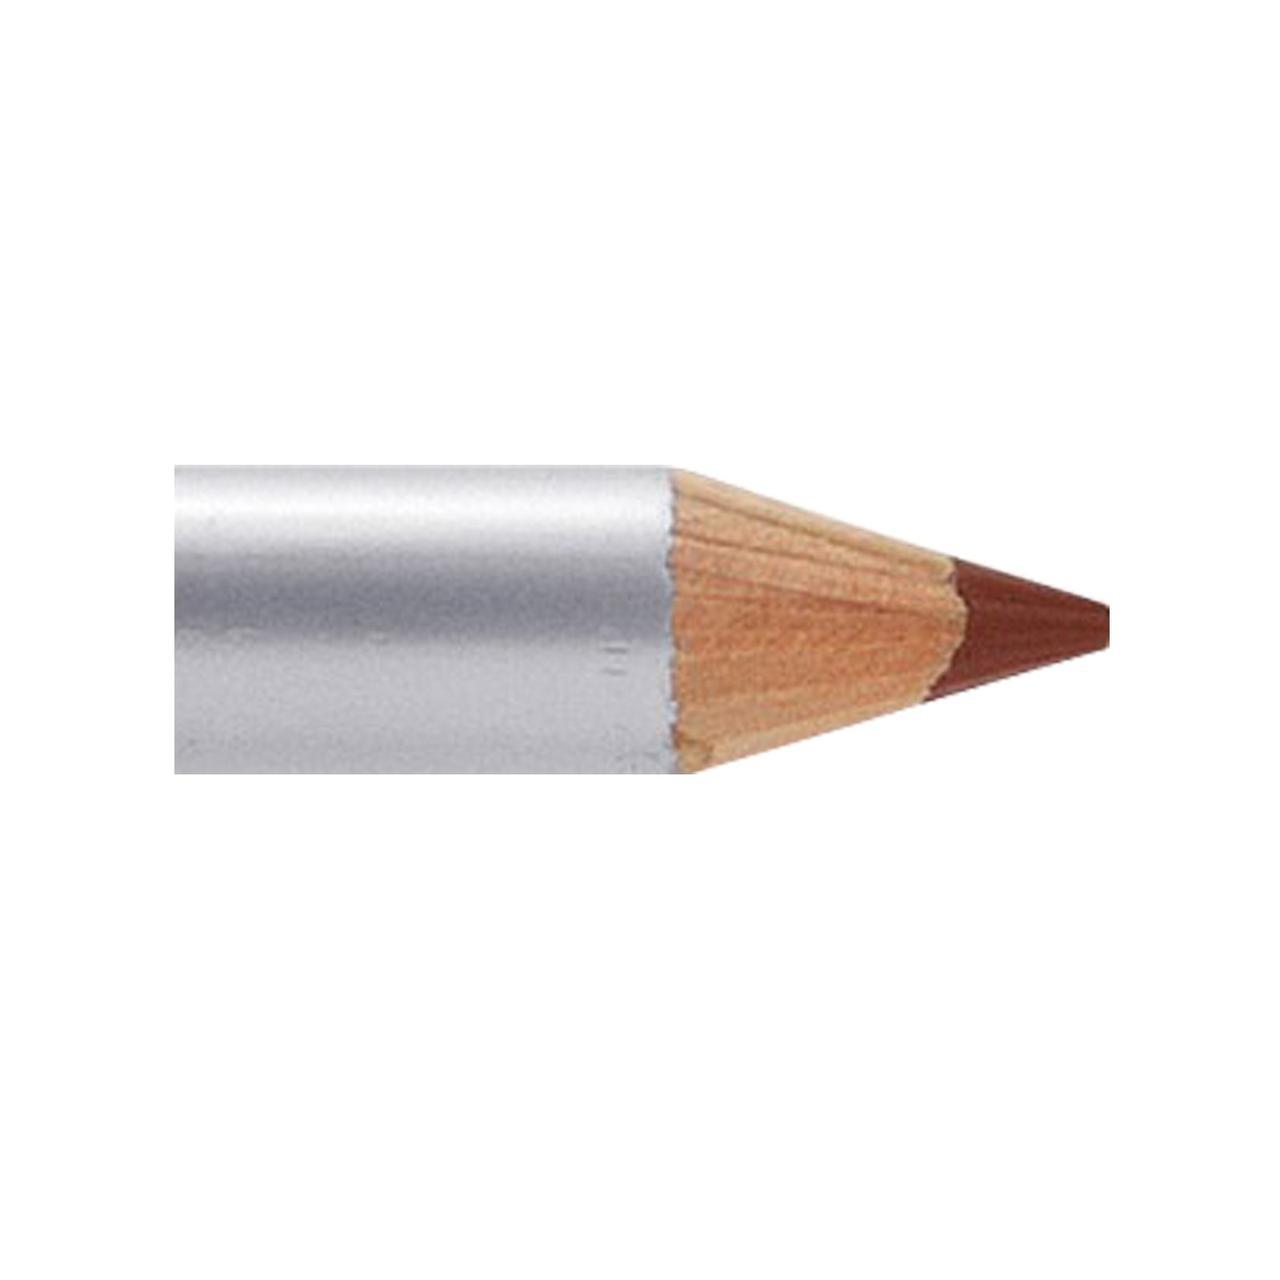 Prestige Cosmetics, Классический карандаш для бровей, Бурый ,04 унции (1,1 г) - Интернет-магазин для здоровой жизни в Киеве